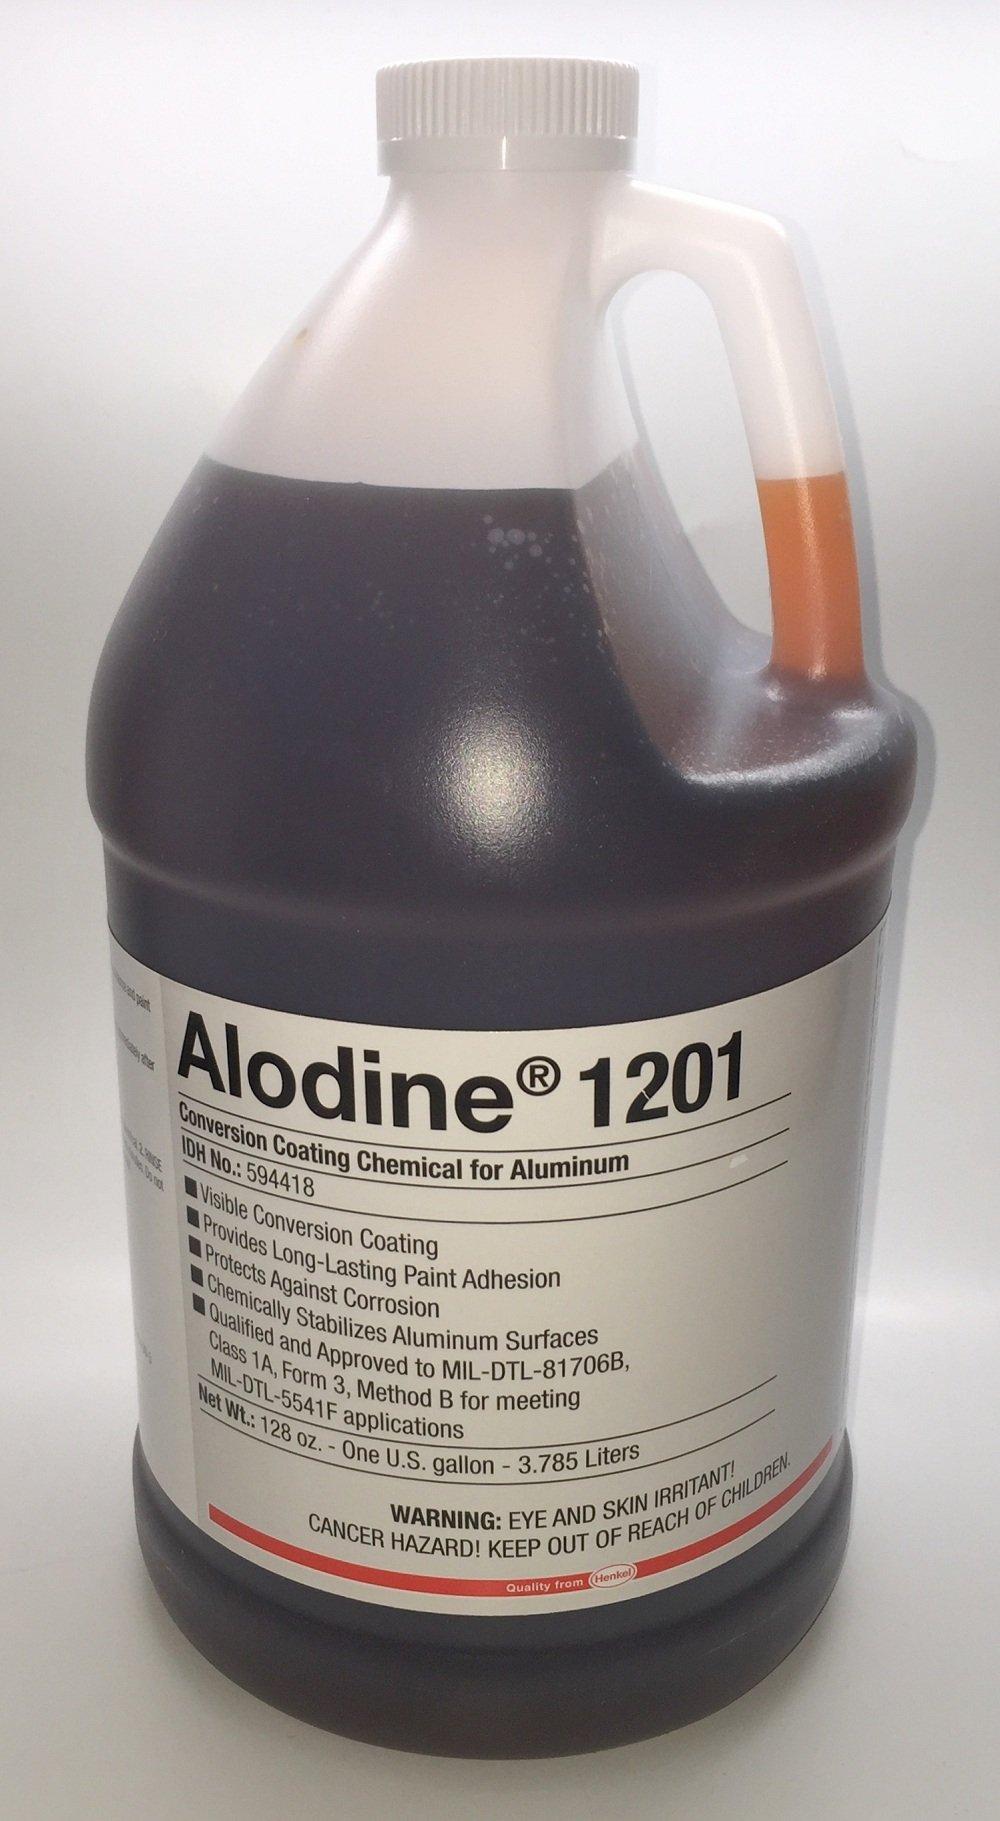 Henkel - Alodine 1201 Light Metals Conversion Coating/Bonderite M-CR, Gallon by Henkel